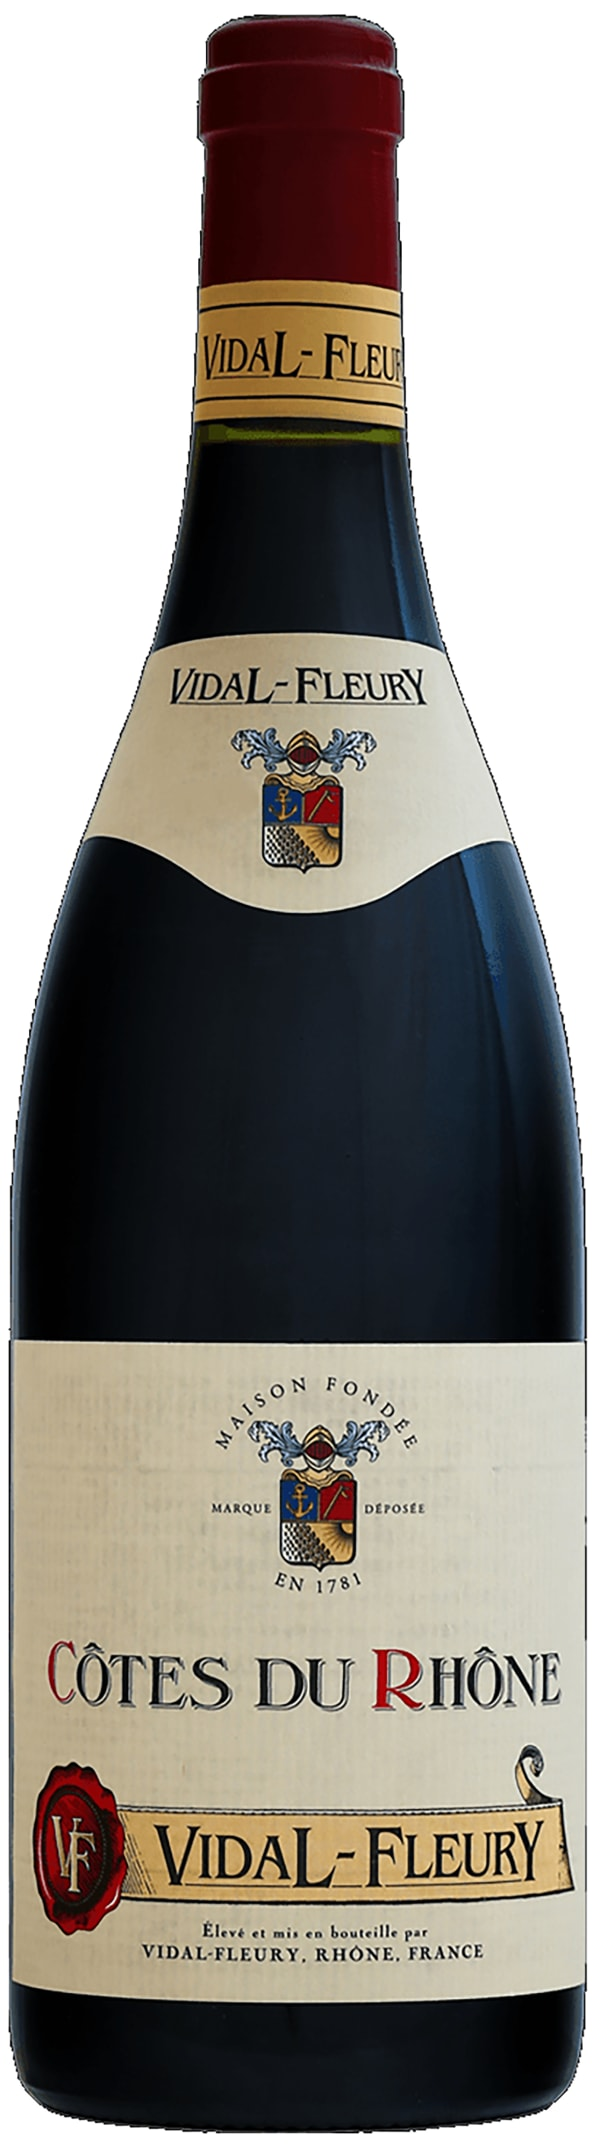 Vidal-Fleury Côtes du Rhône 2013